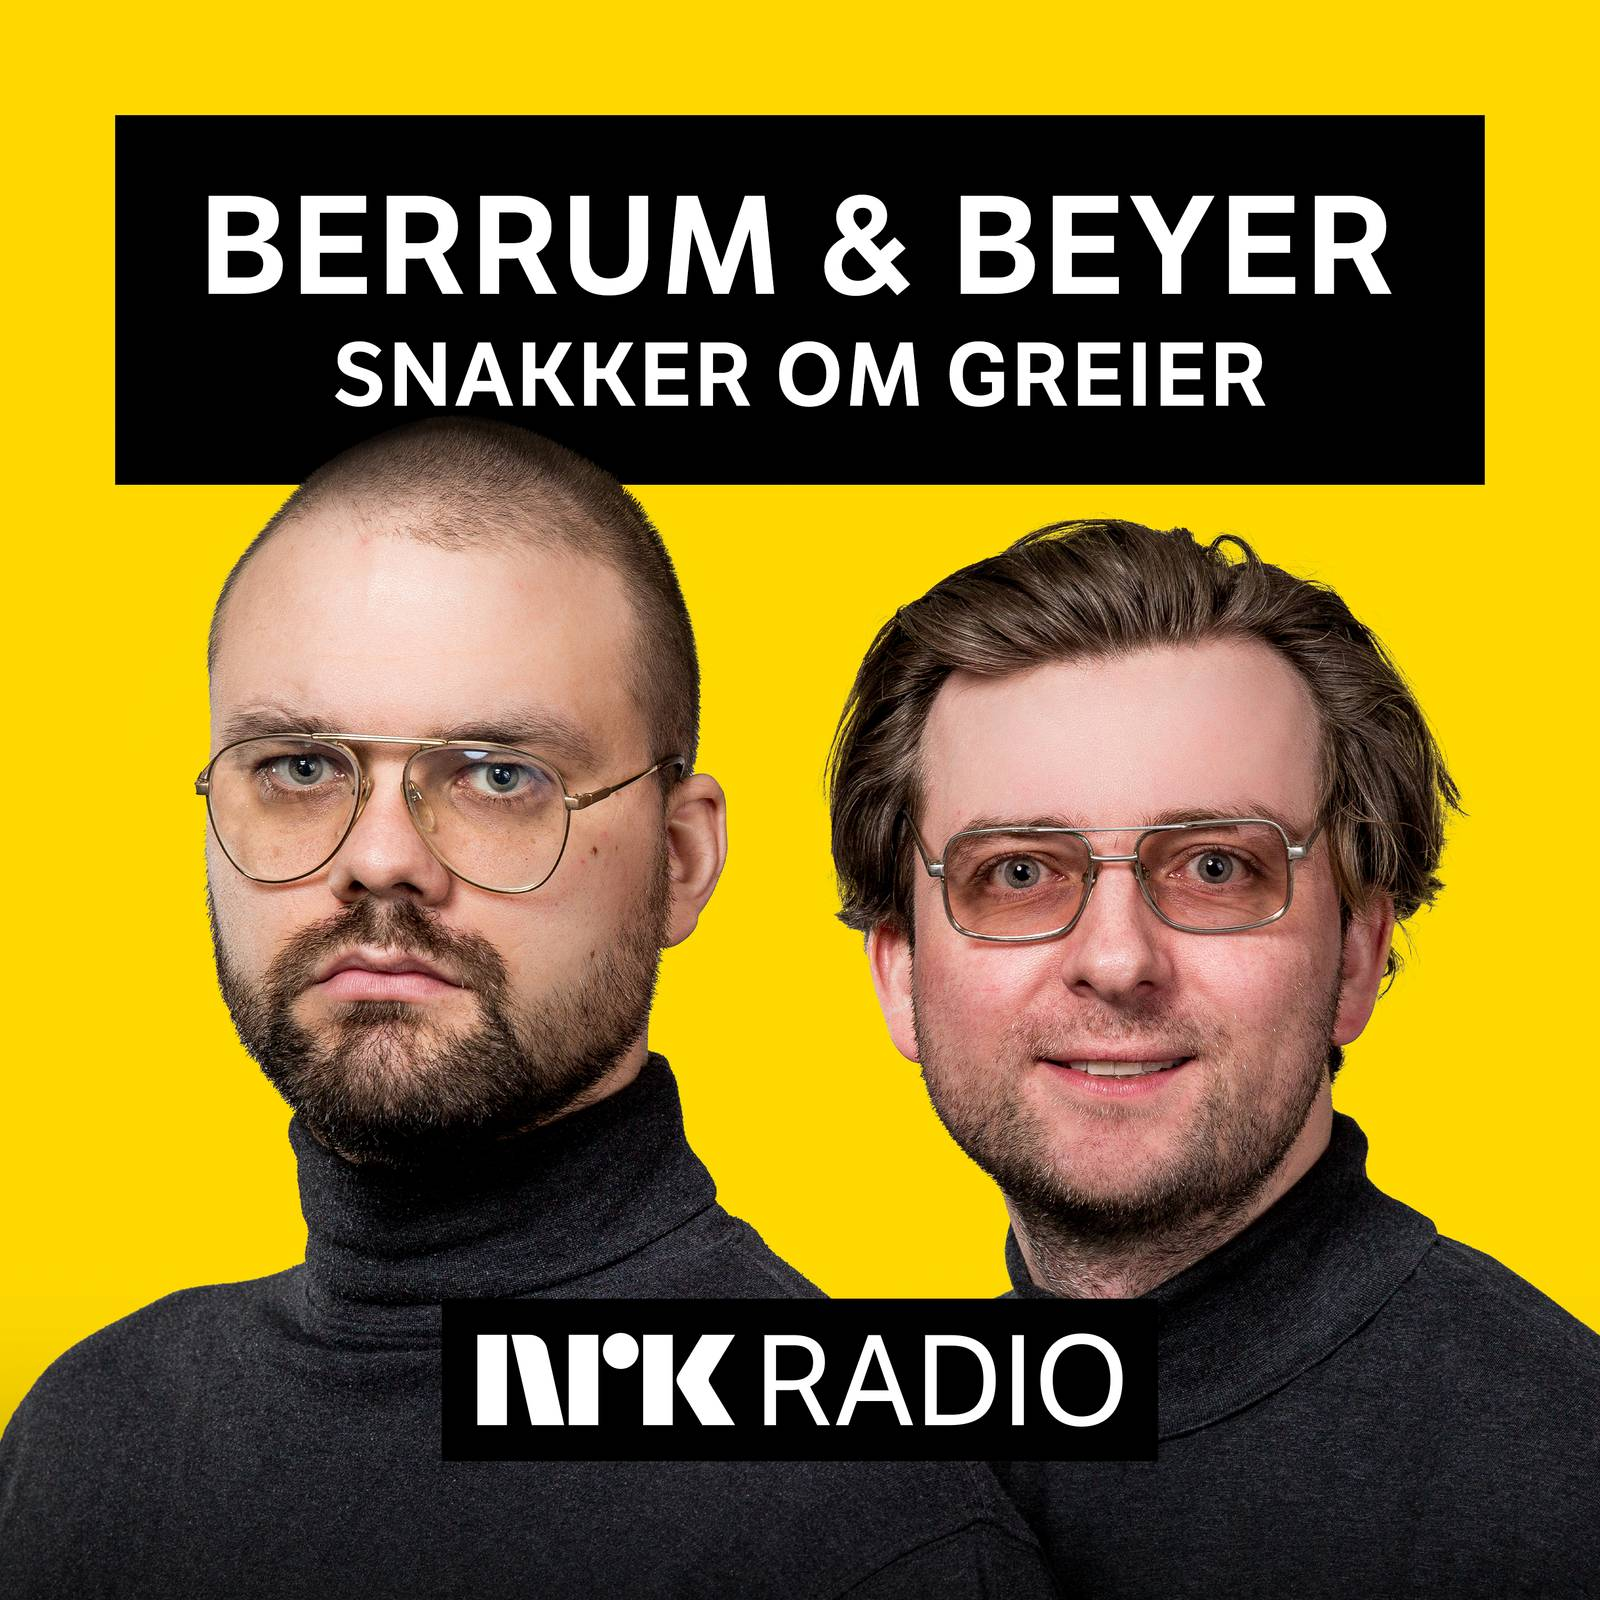 Berrum & Beyer snakker om greier